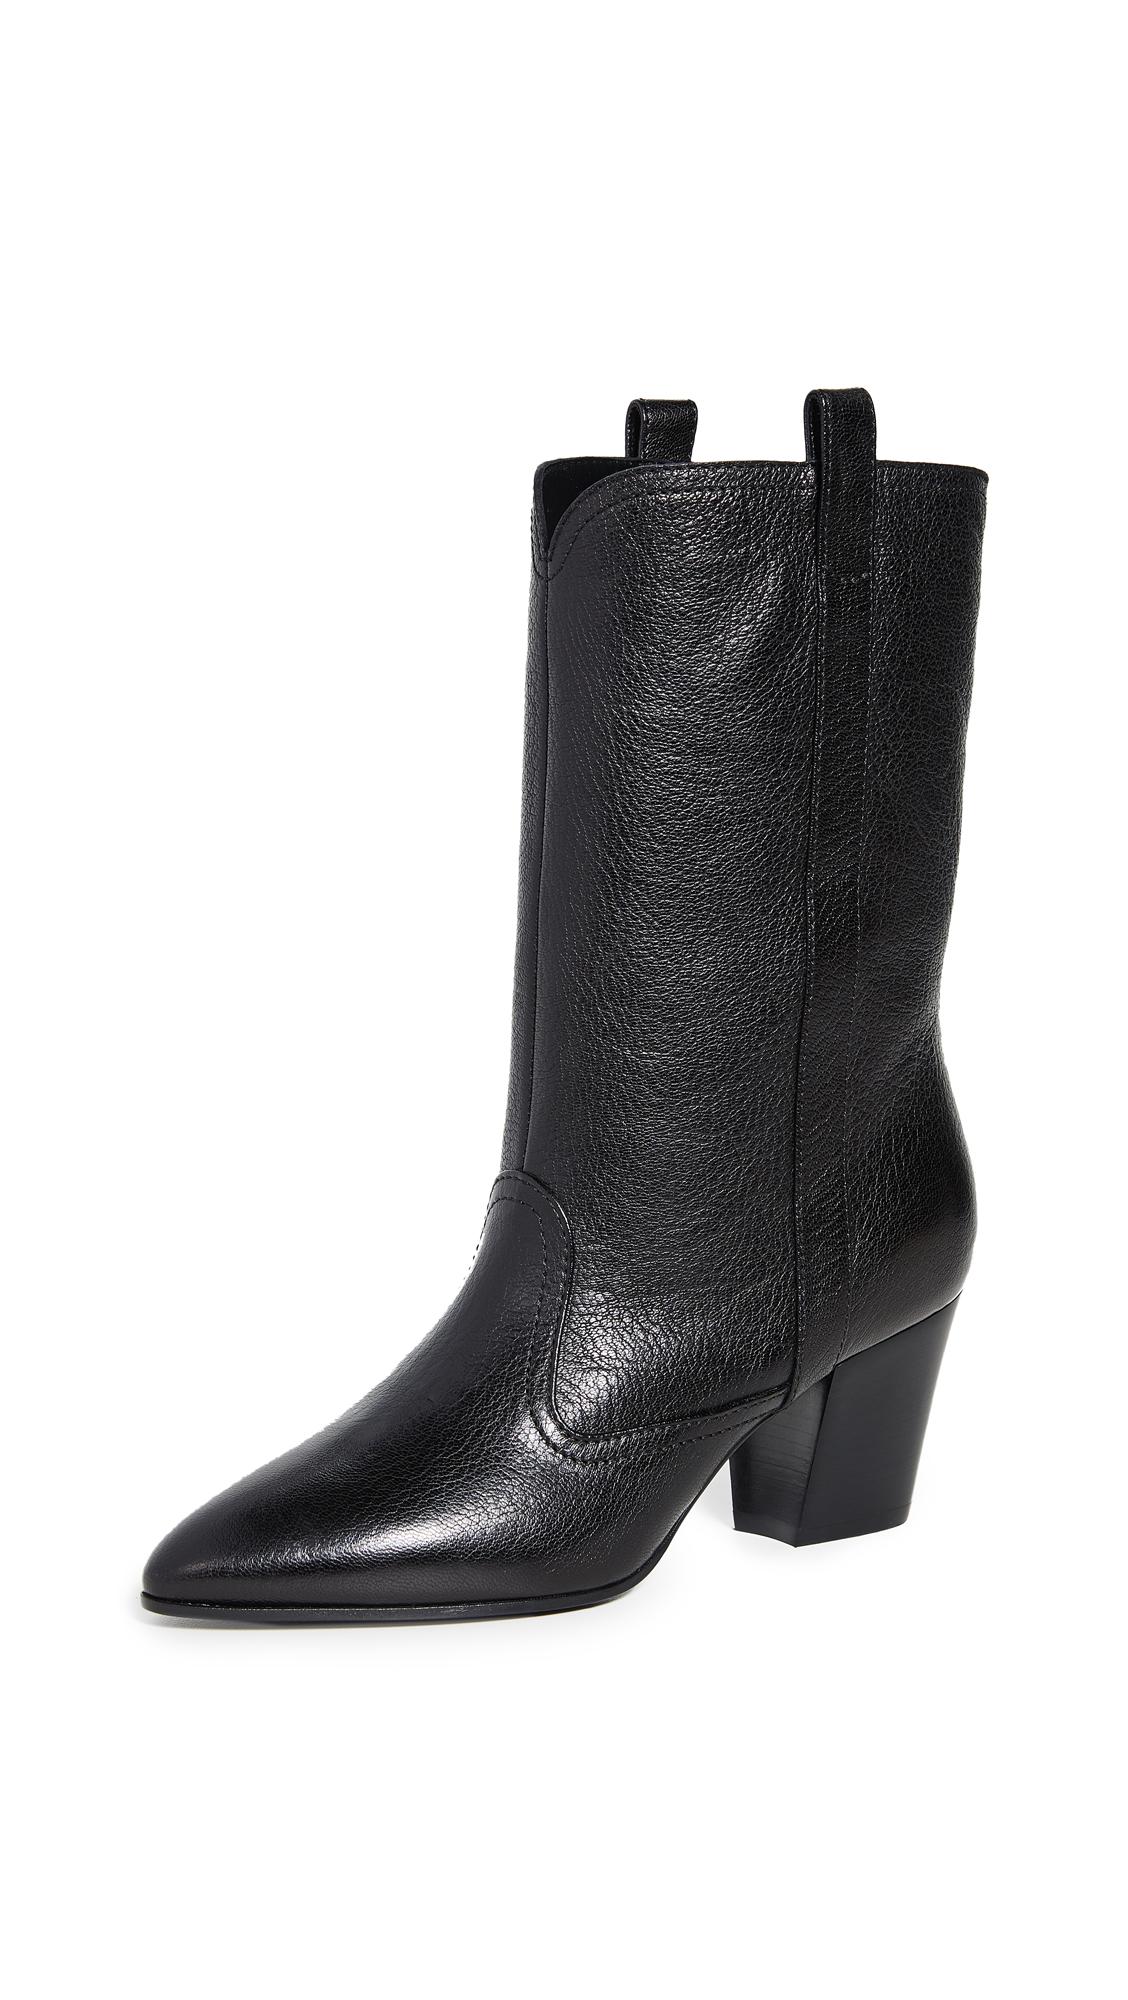 Laurence Dacade Simona Boots - 50% Off Sale